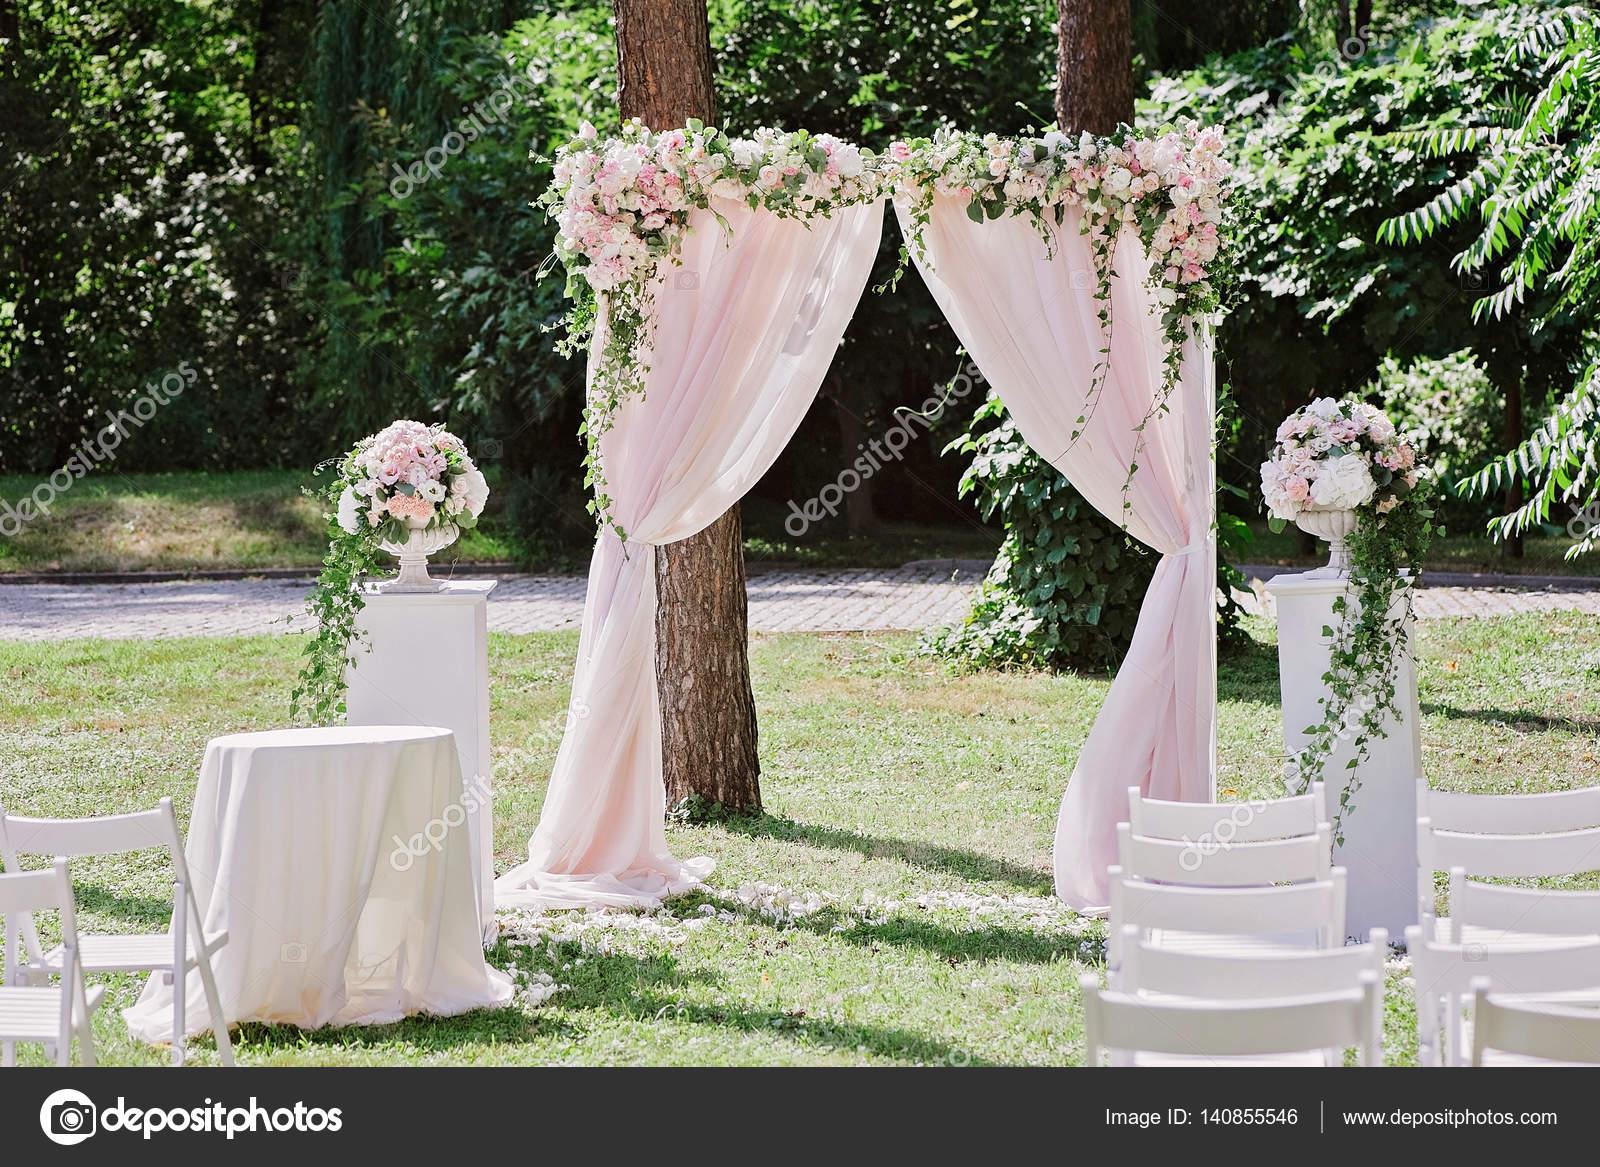 arche pour la c r monie de mariage orn e de fleurs et. Black Bedroom Furniture Sets. Home Design Ideas